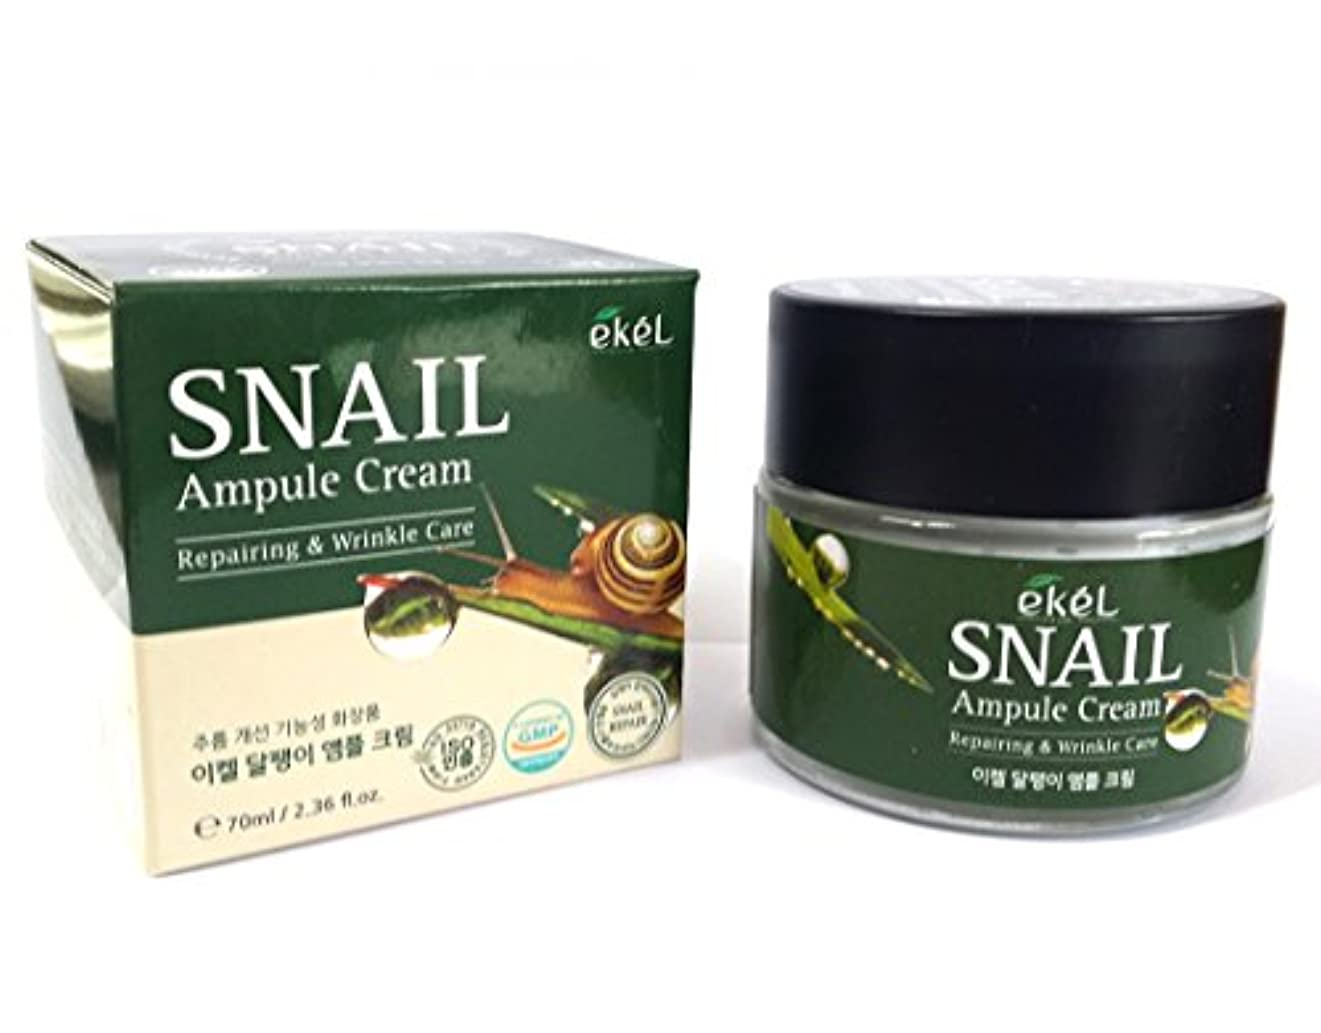 不満に変わる両方[EKEL] カタツムリアンプルクリーム70ml / Snail Ampule Cream 70ml / / リペアリング&リンクルケア / ハイドレーティングクリーム / Repairing & Wrinkle Care...